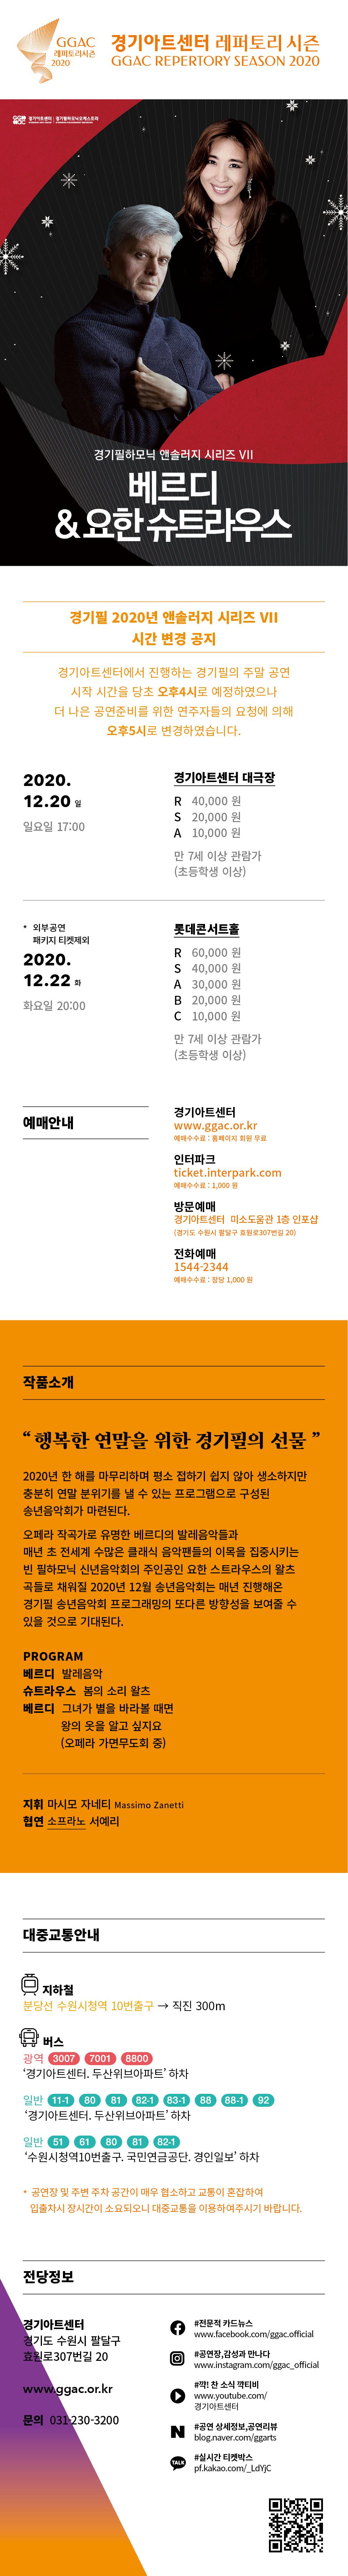 경기필하모닉 2020 앤솔러지 시리즈 Ⅶ <베르디&요한 슈트라우스> - 레퍼토리 시즌제